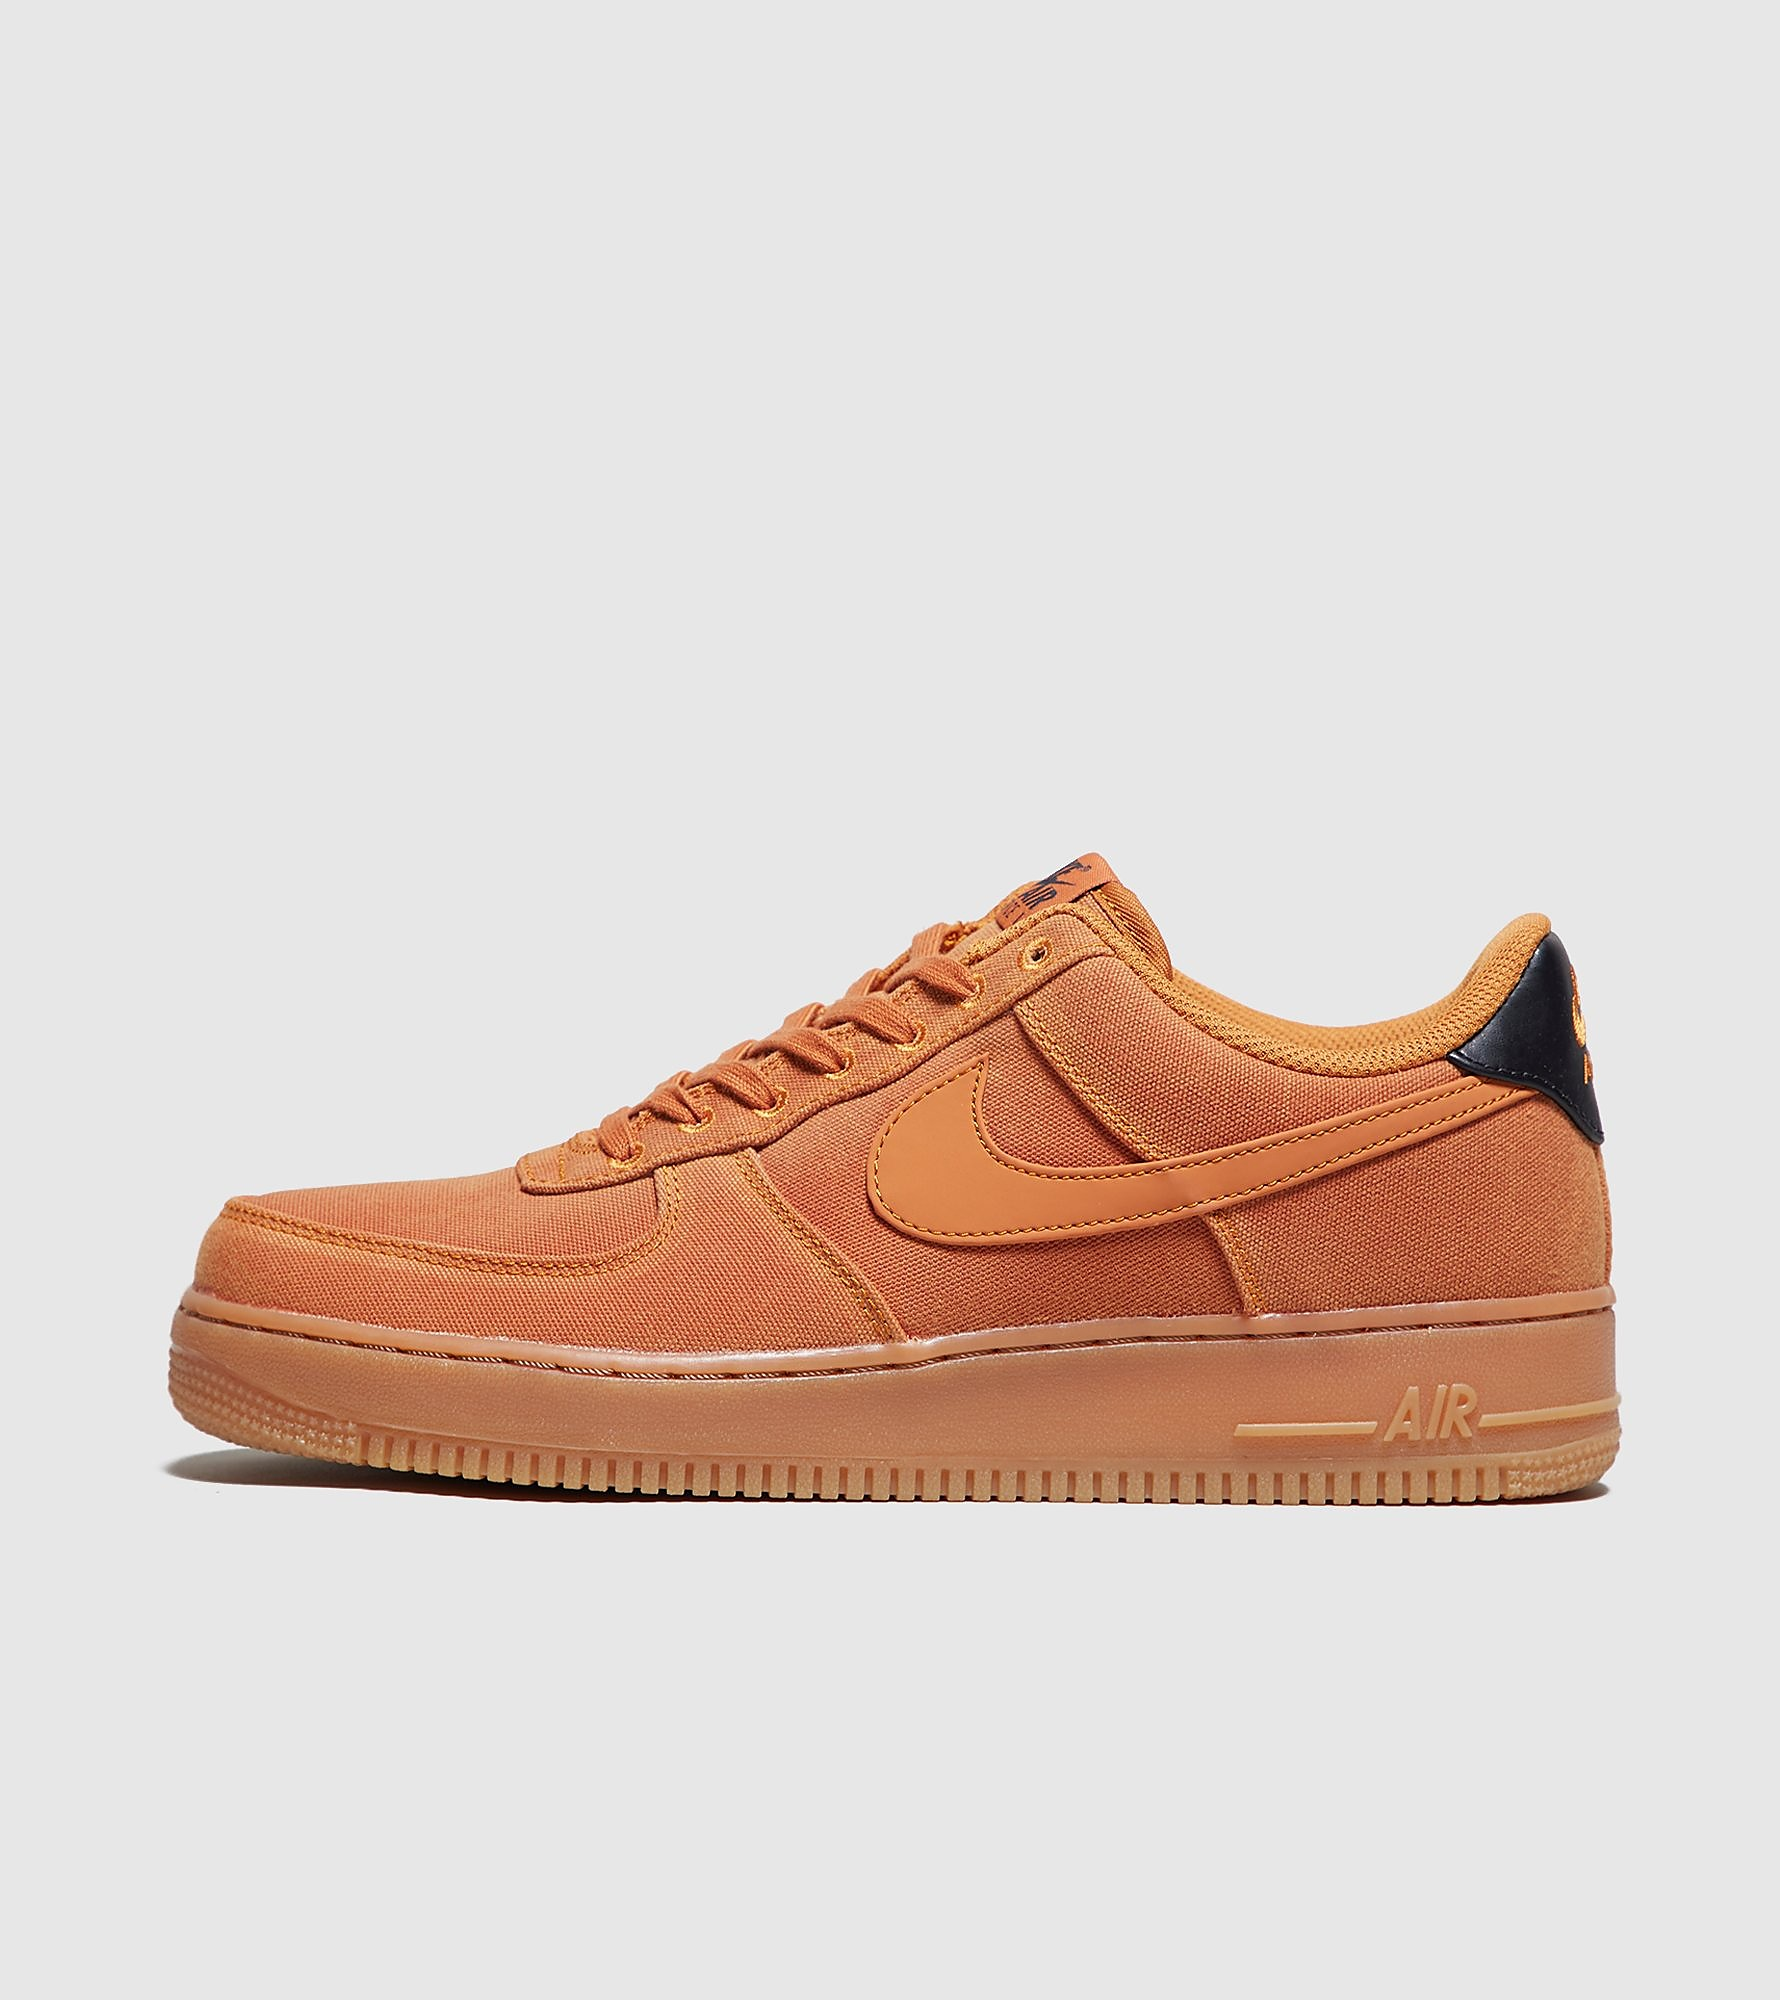 3c07087ea09 Precios de sneakers Nike Air Force 1  07 LV8 talla 43 baratas ...